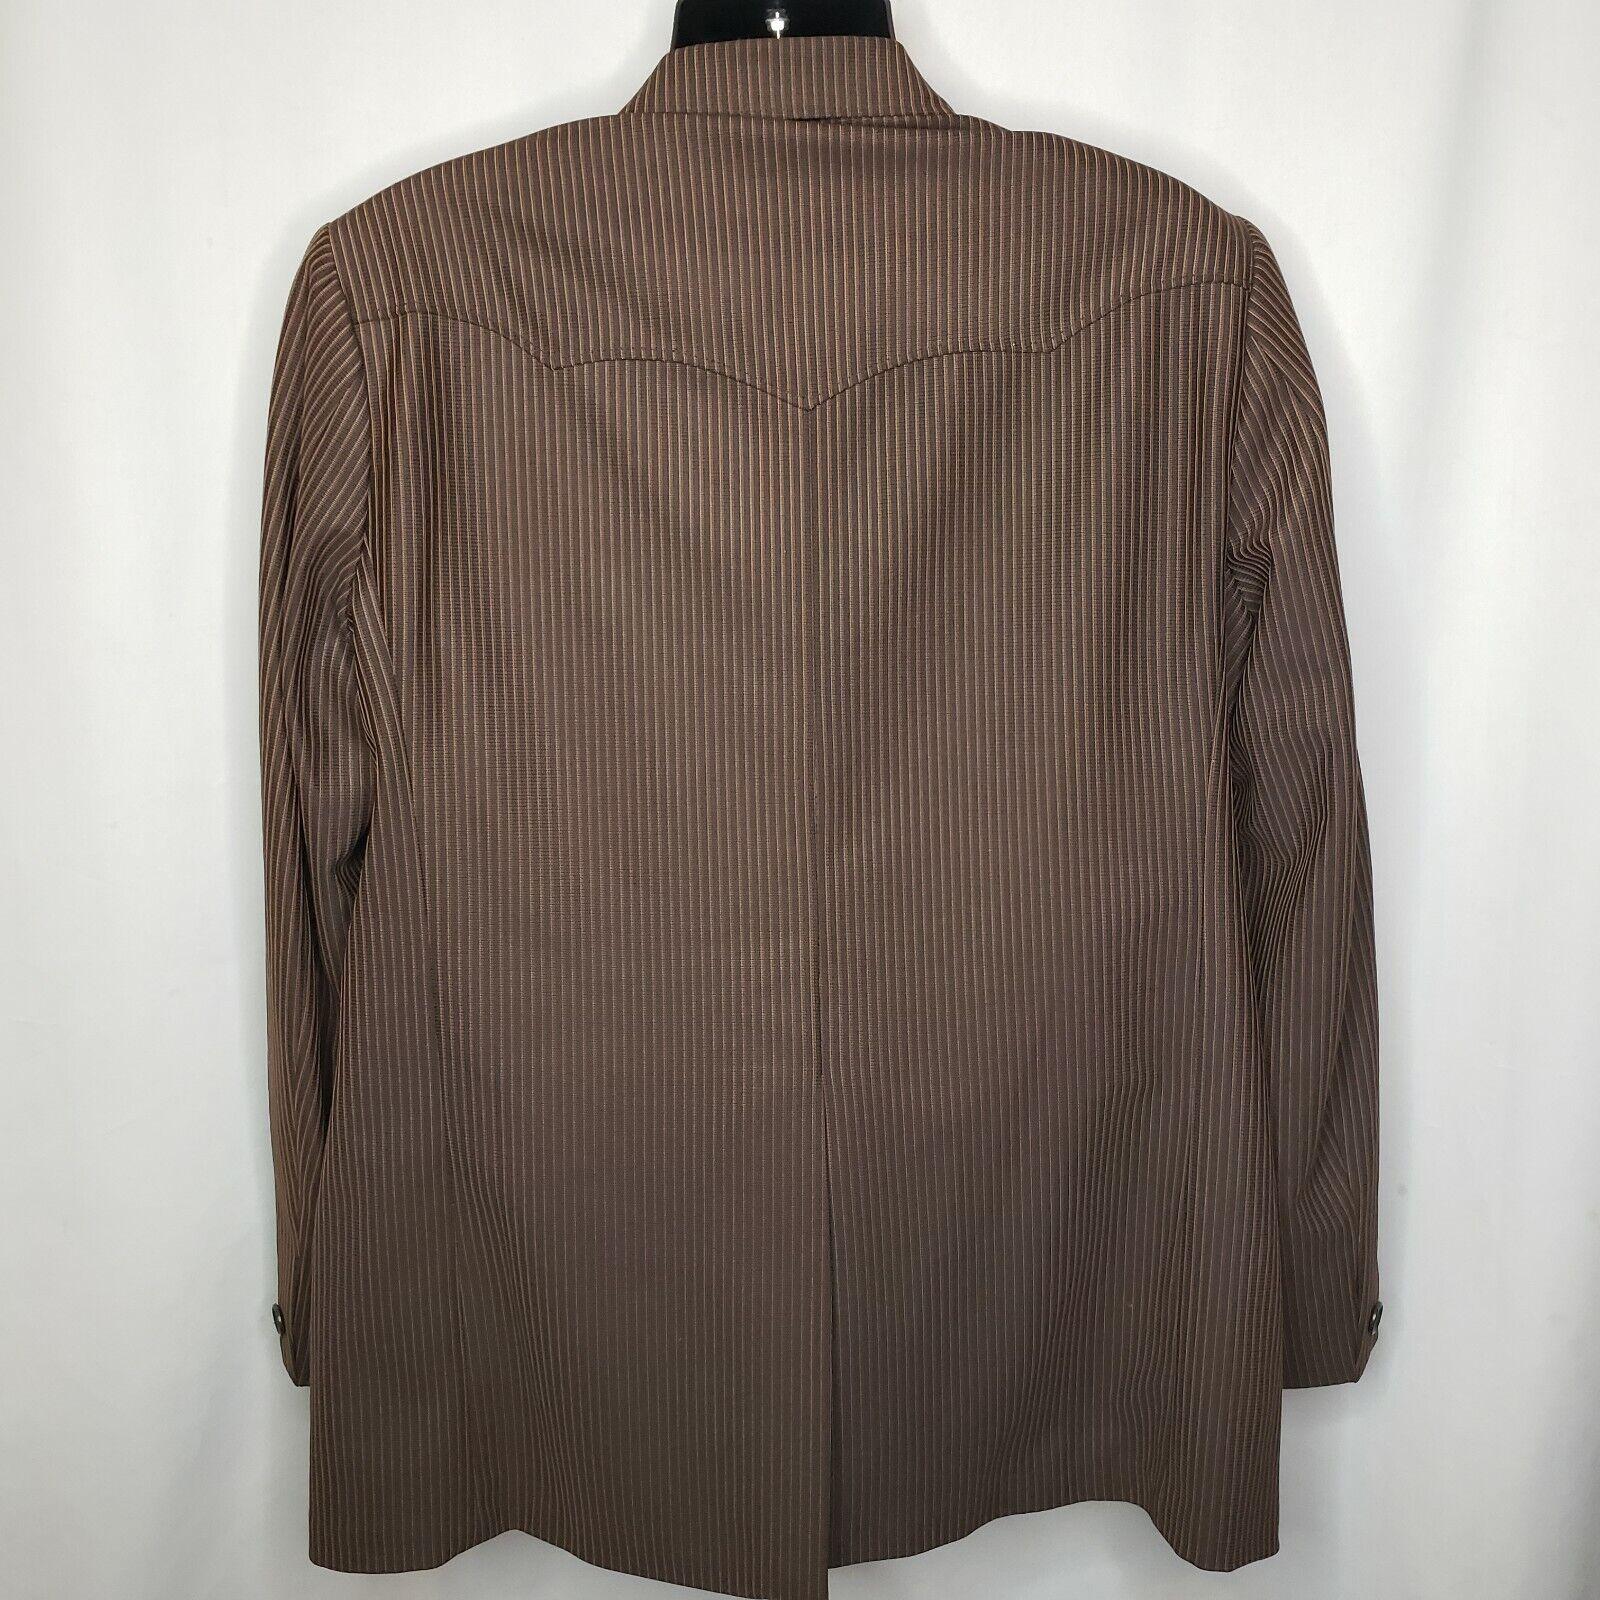 Ranchman Lasso Vintage Western Rockabilly Suit Ja… - image 4